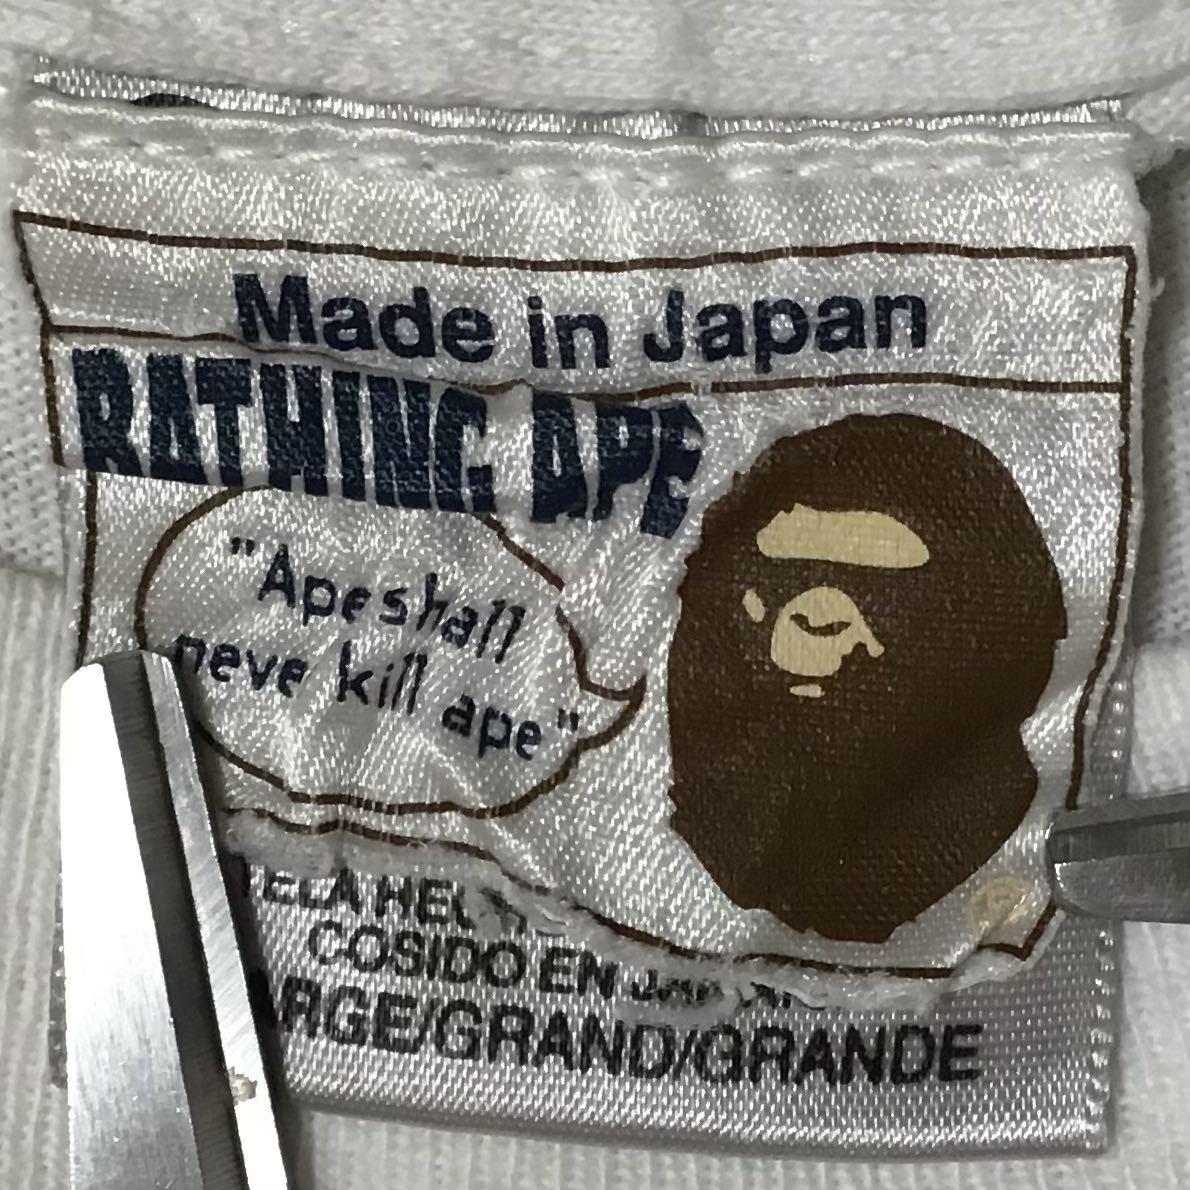 ★激レア★ 初期 GAMMA APE Tシャツ Lサイズ oneita a bathing ape bape 裏原宿 90s エイプ ベイプ nigo スケシン nowhere vintage ss5